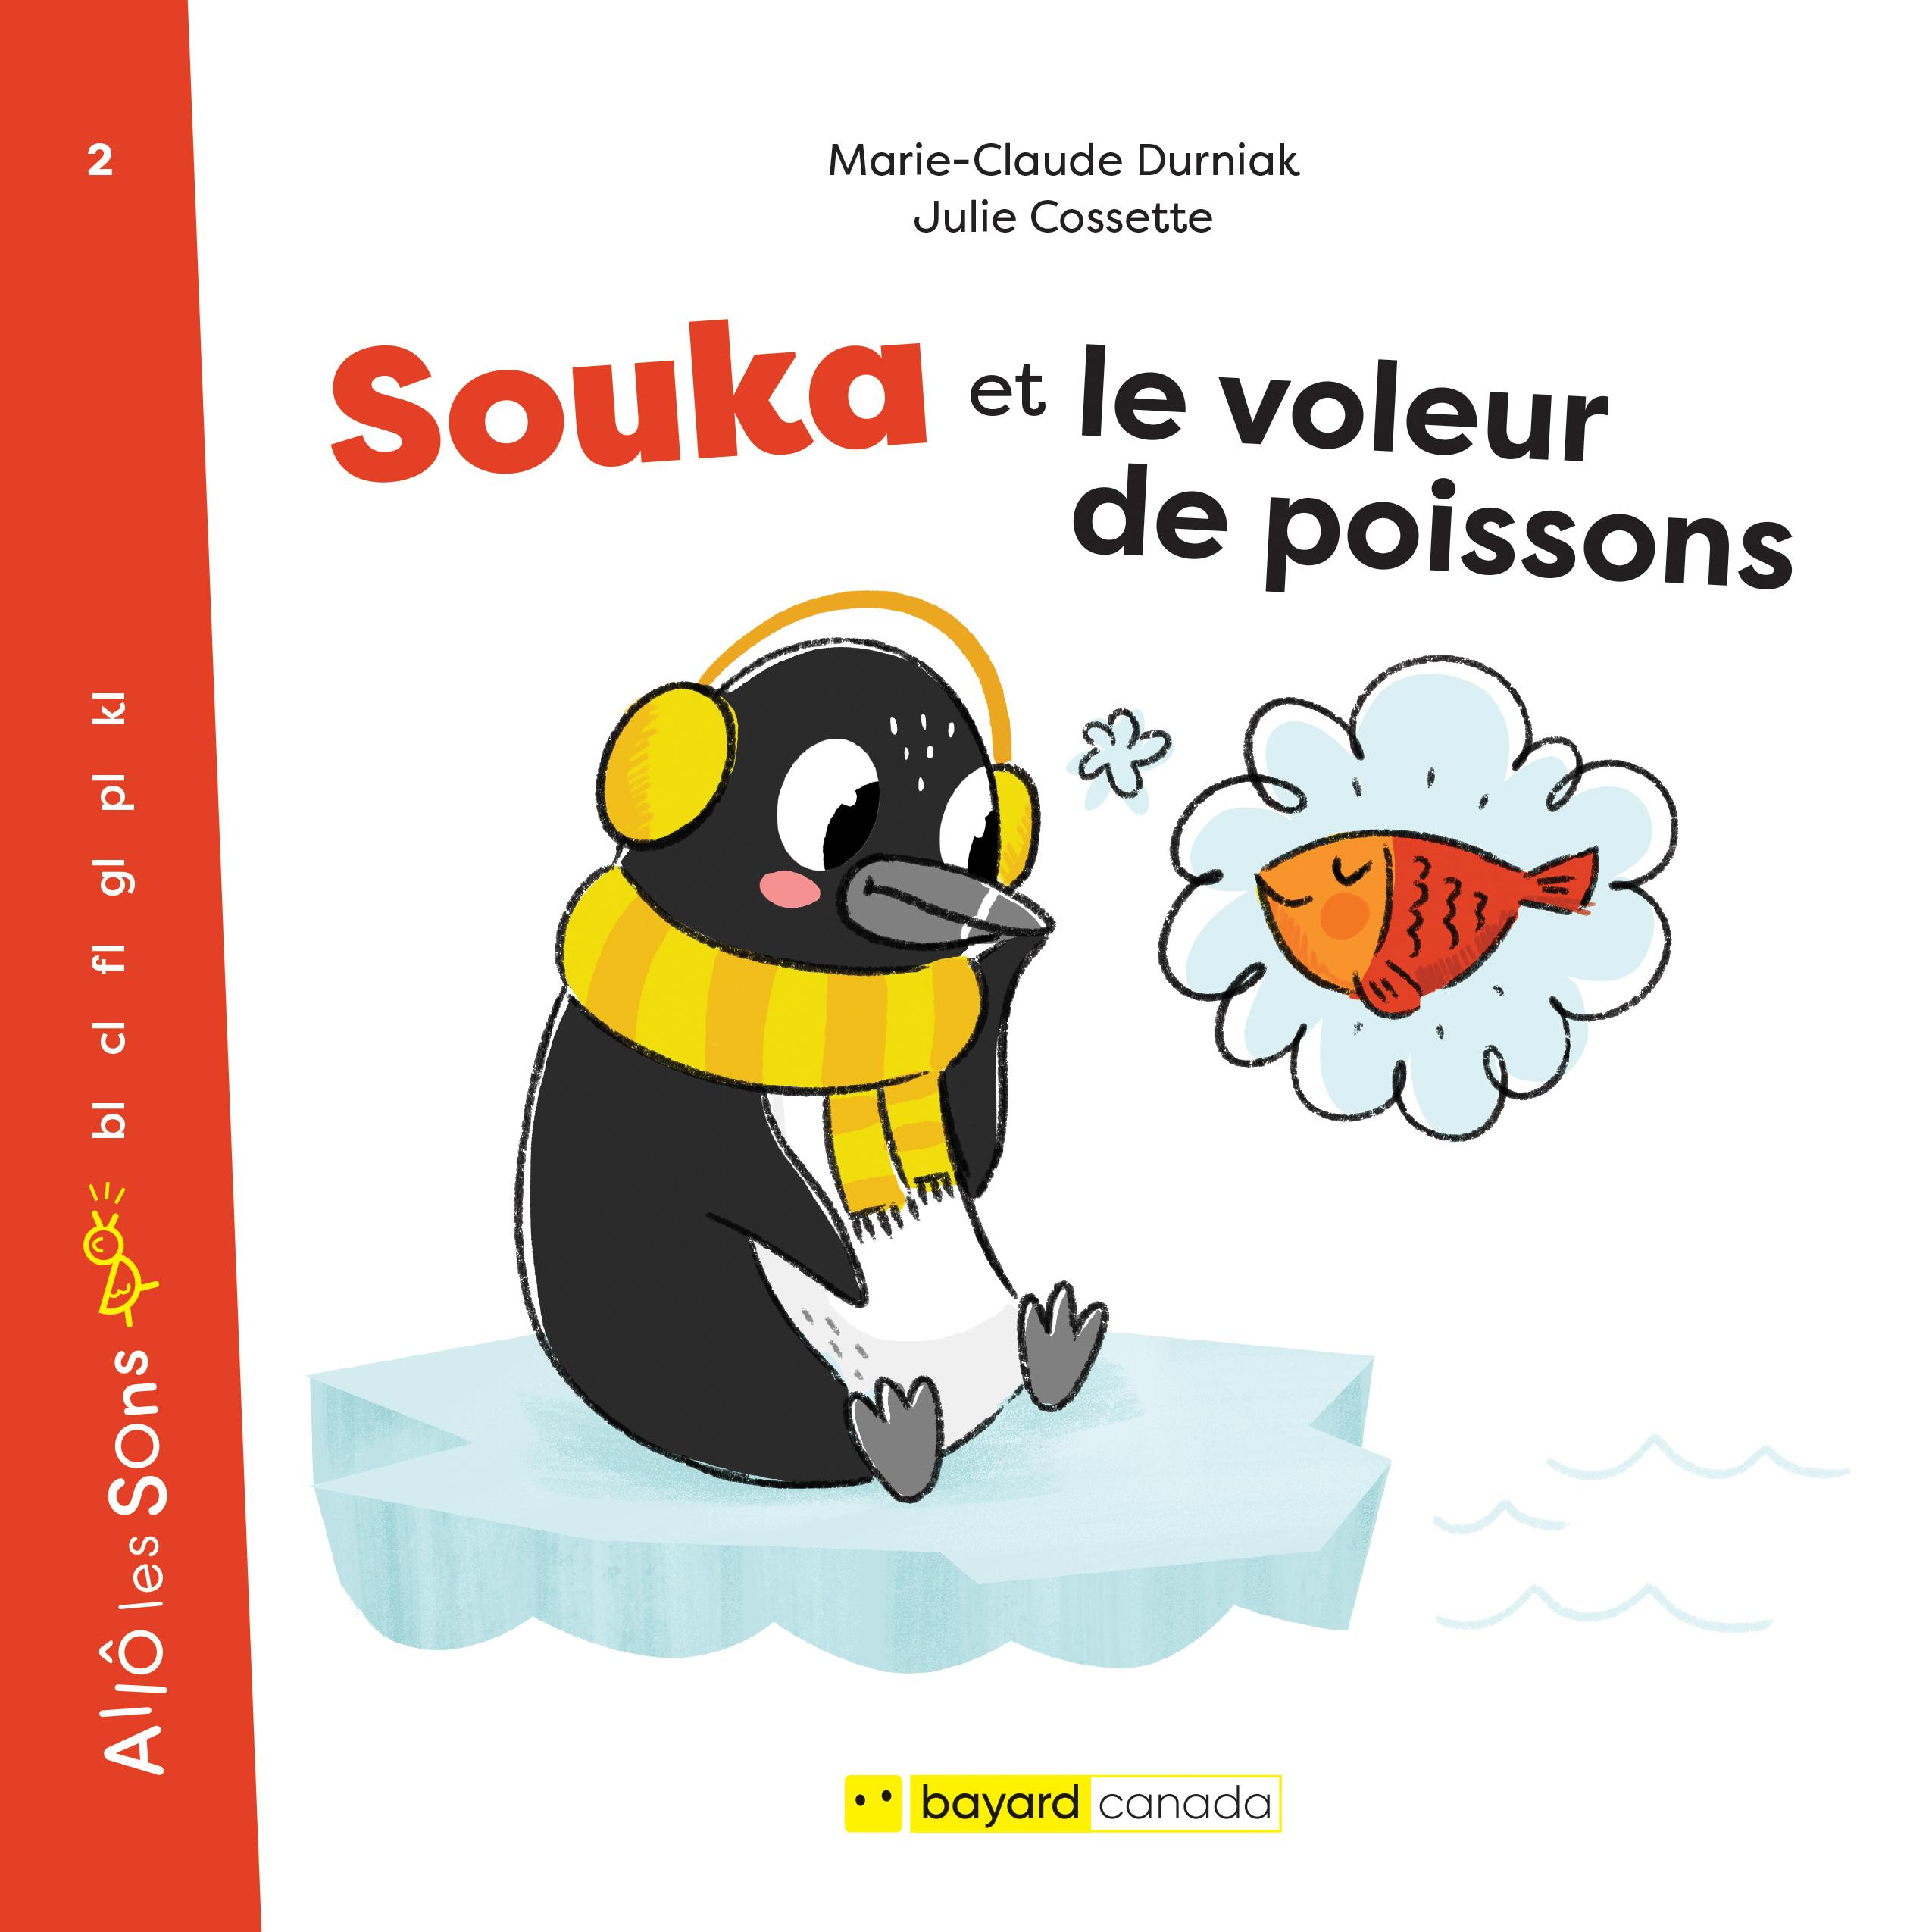 Souka et le voleur de poissons